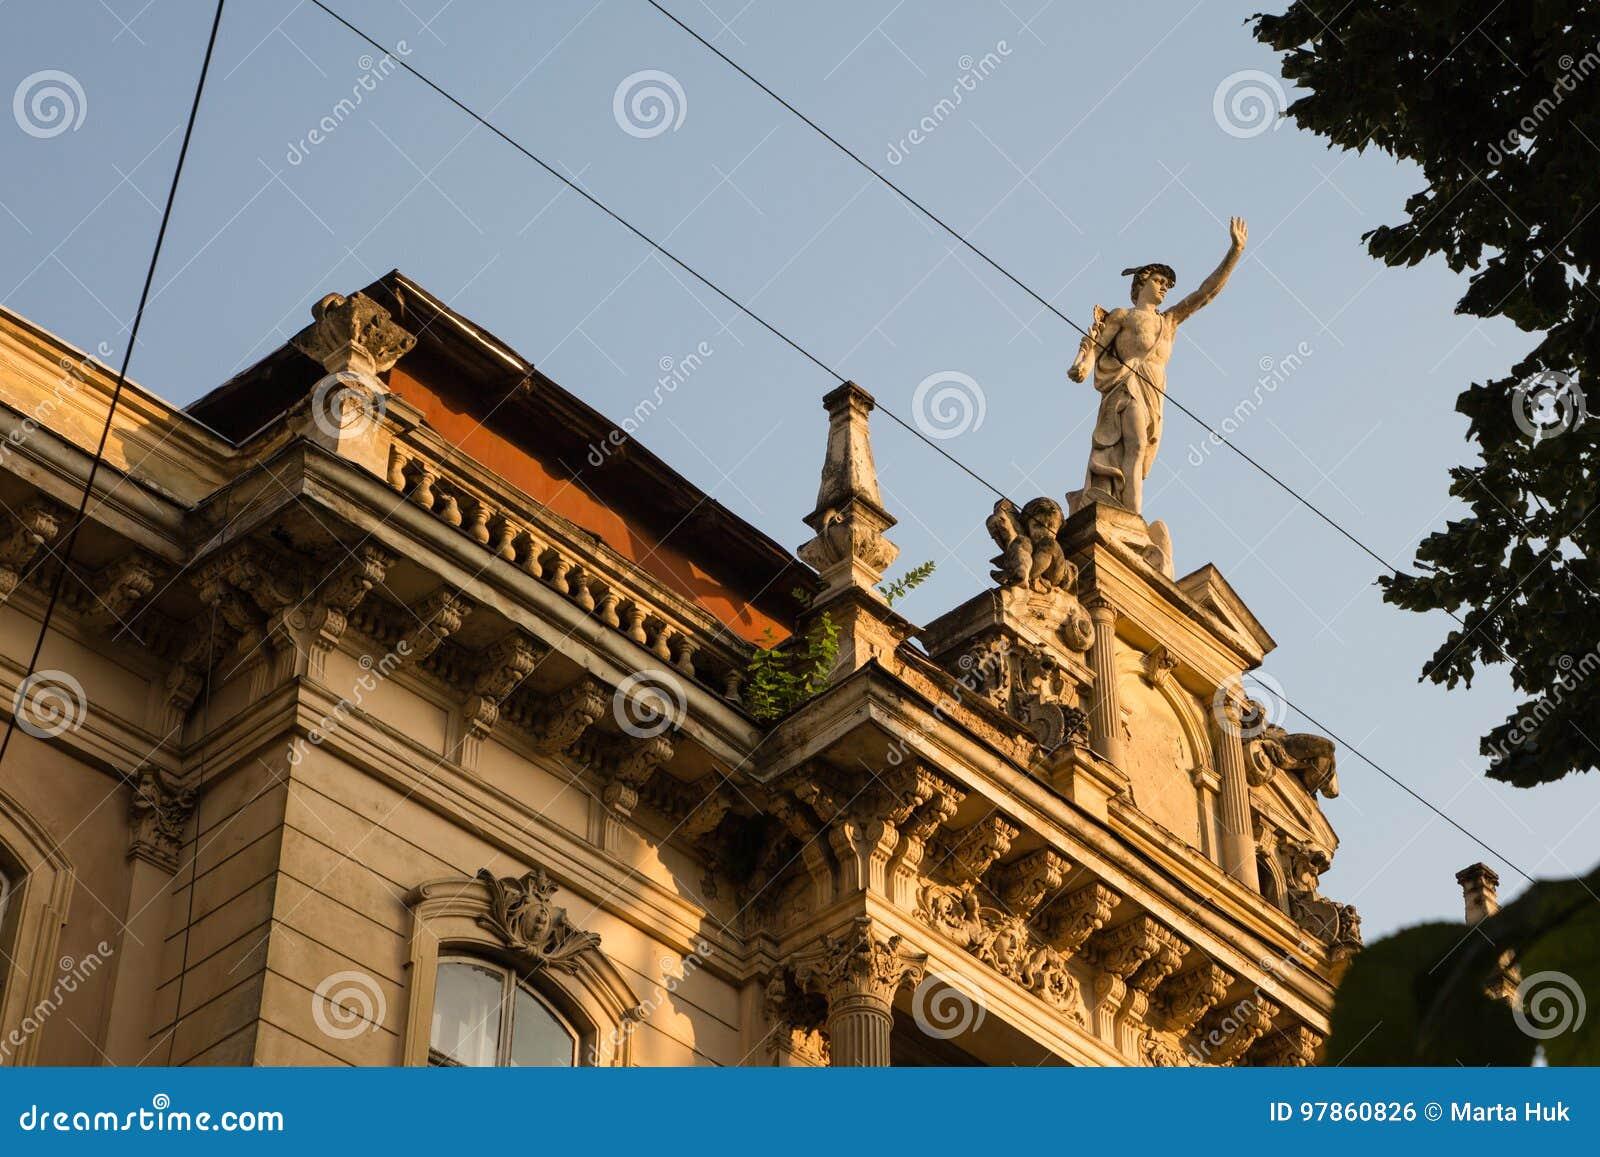 Statue de Mercury - un dieu romain important se tenant sur une façade de bâtiment